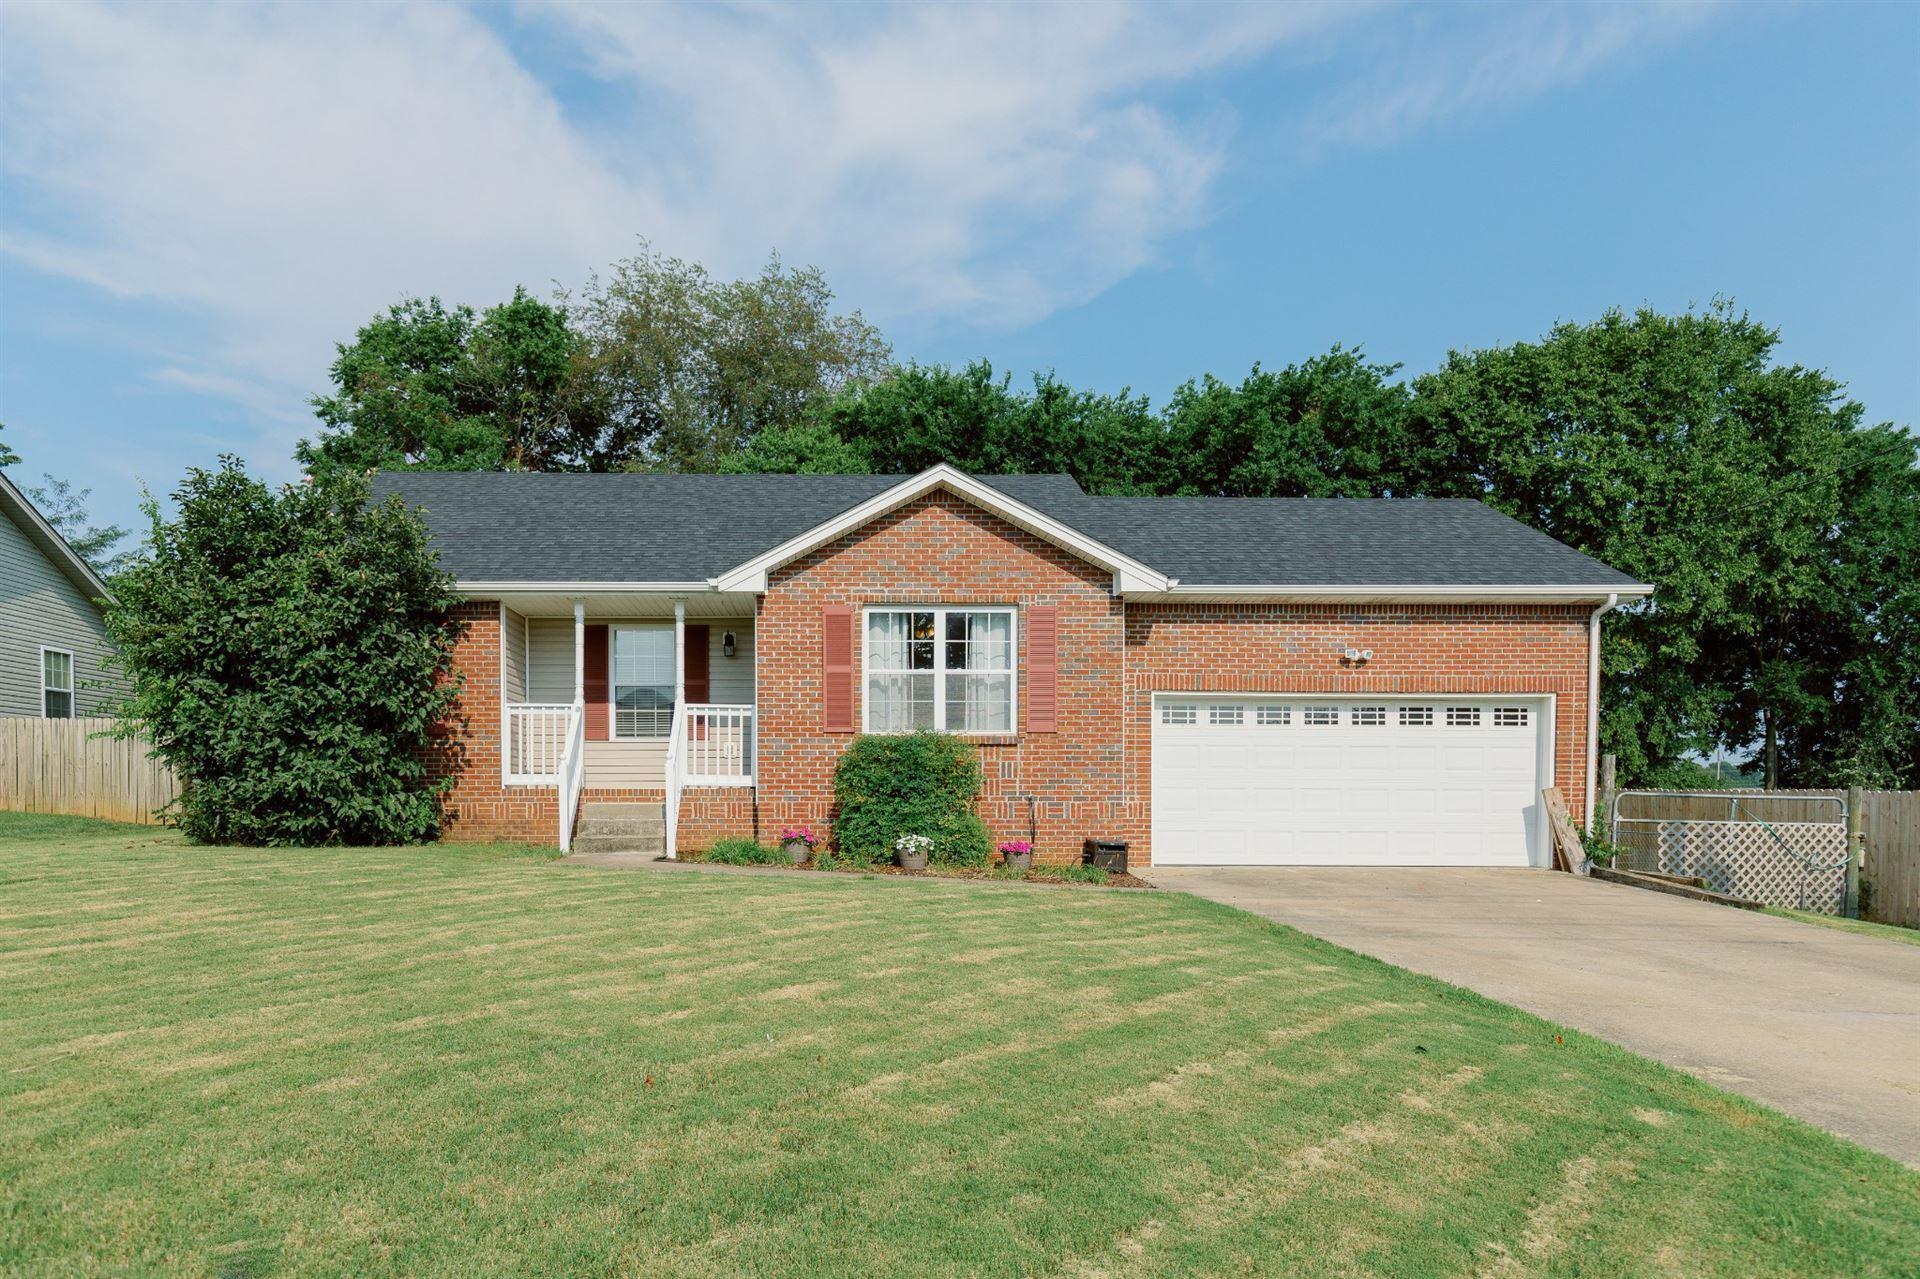 3750 Heather Dr, Clarksville, TN 37042 - MLS#: 2274431